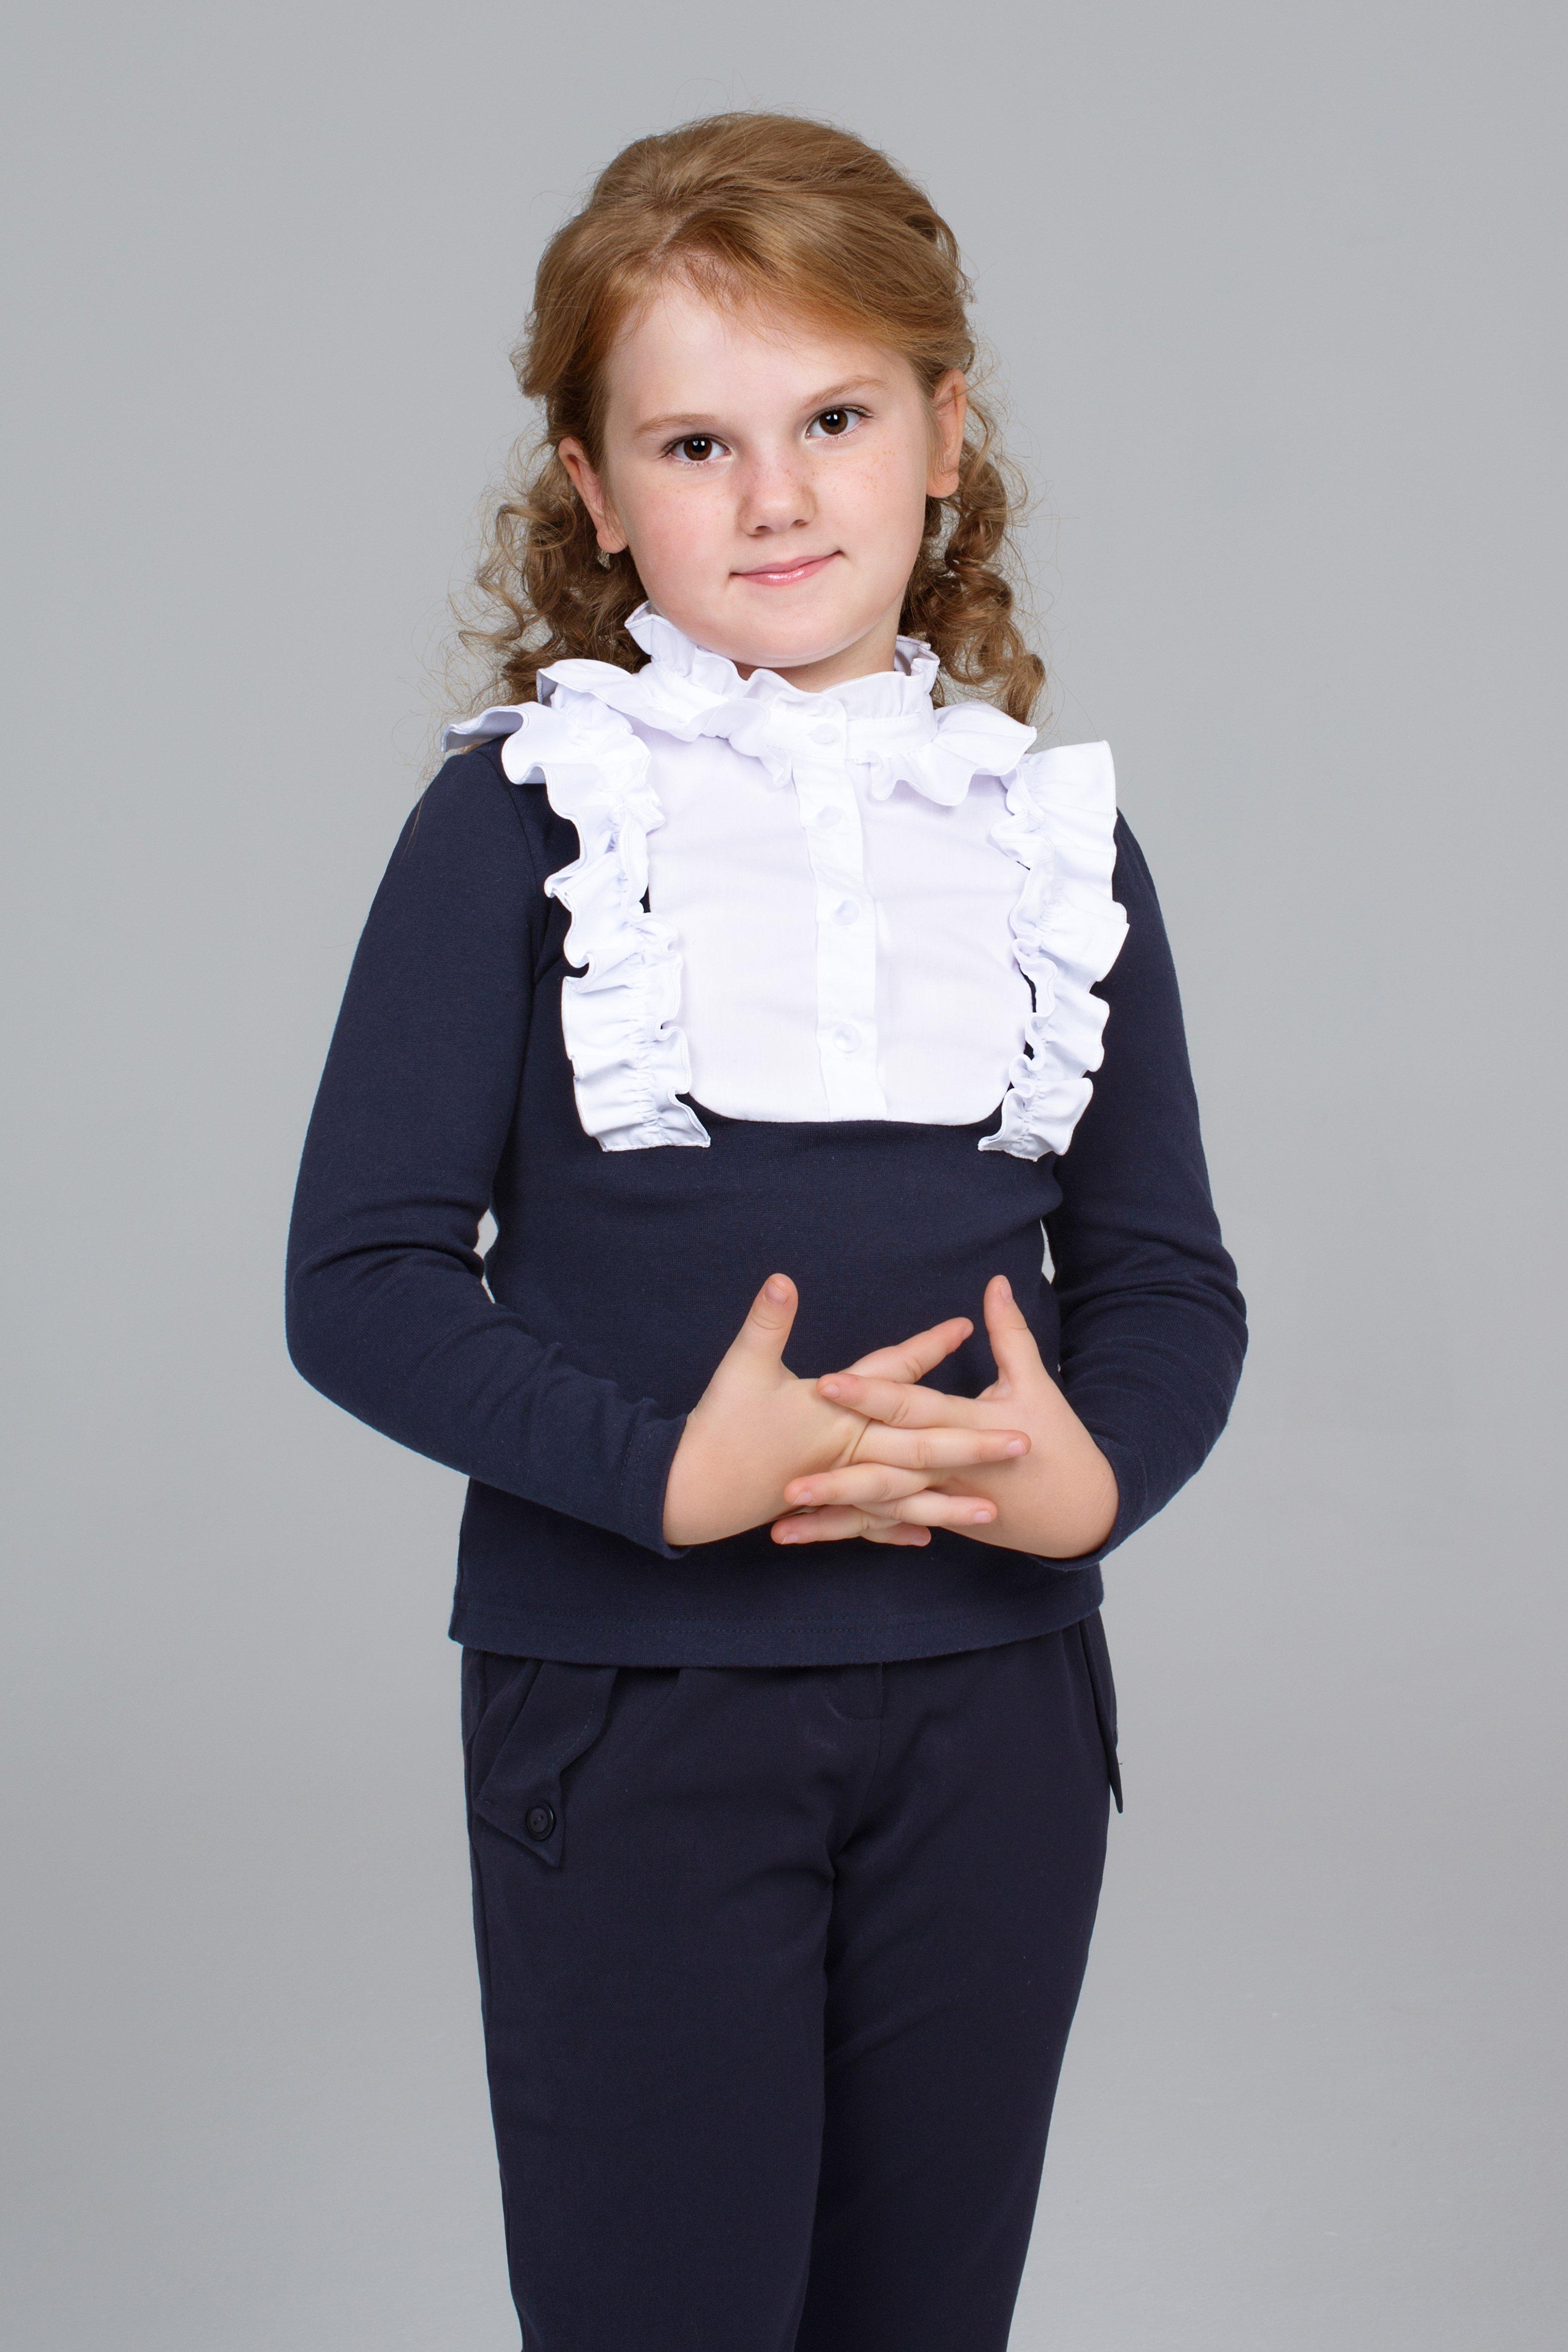 Сбор заказов. Внимание!Внимание!!! Дикая распродажа от 100 рублей!!! Оденем в школу наших любимых детишек-6. Отличное качество очень красивых моделек!